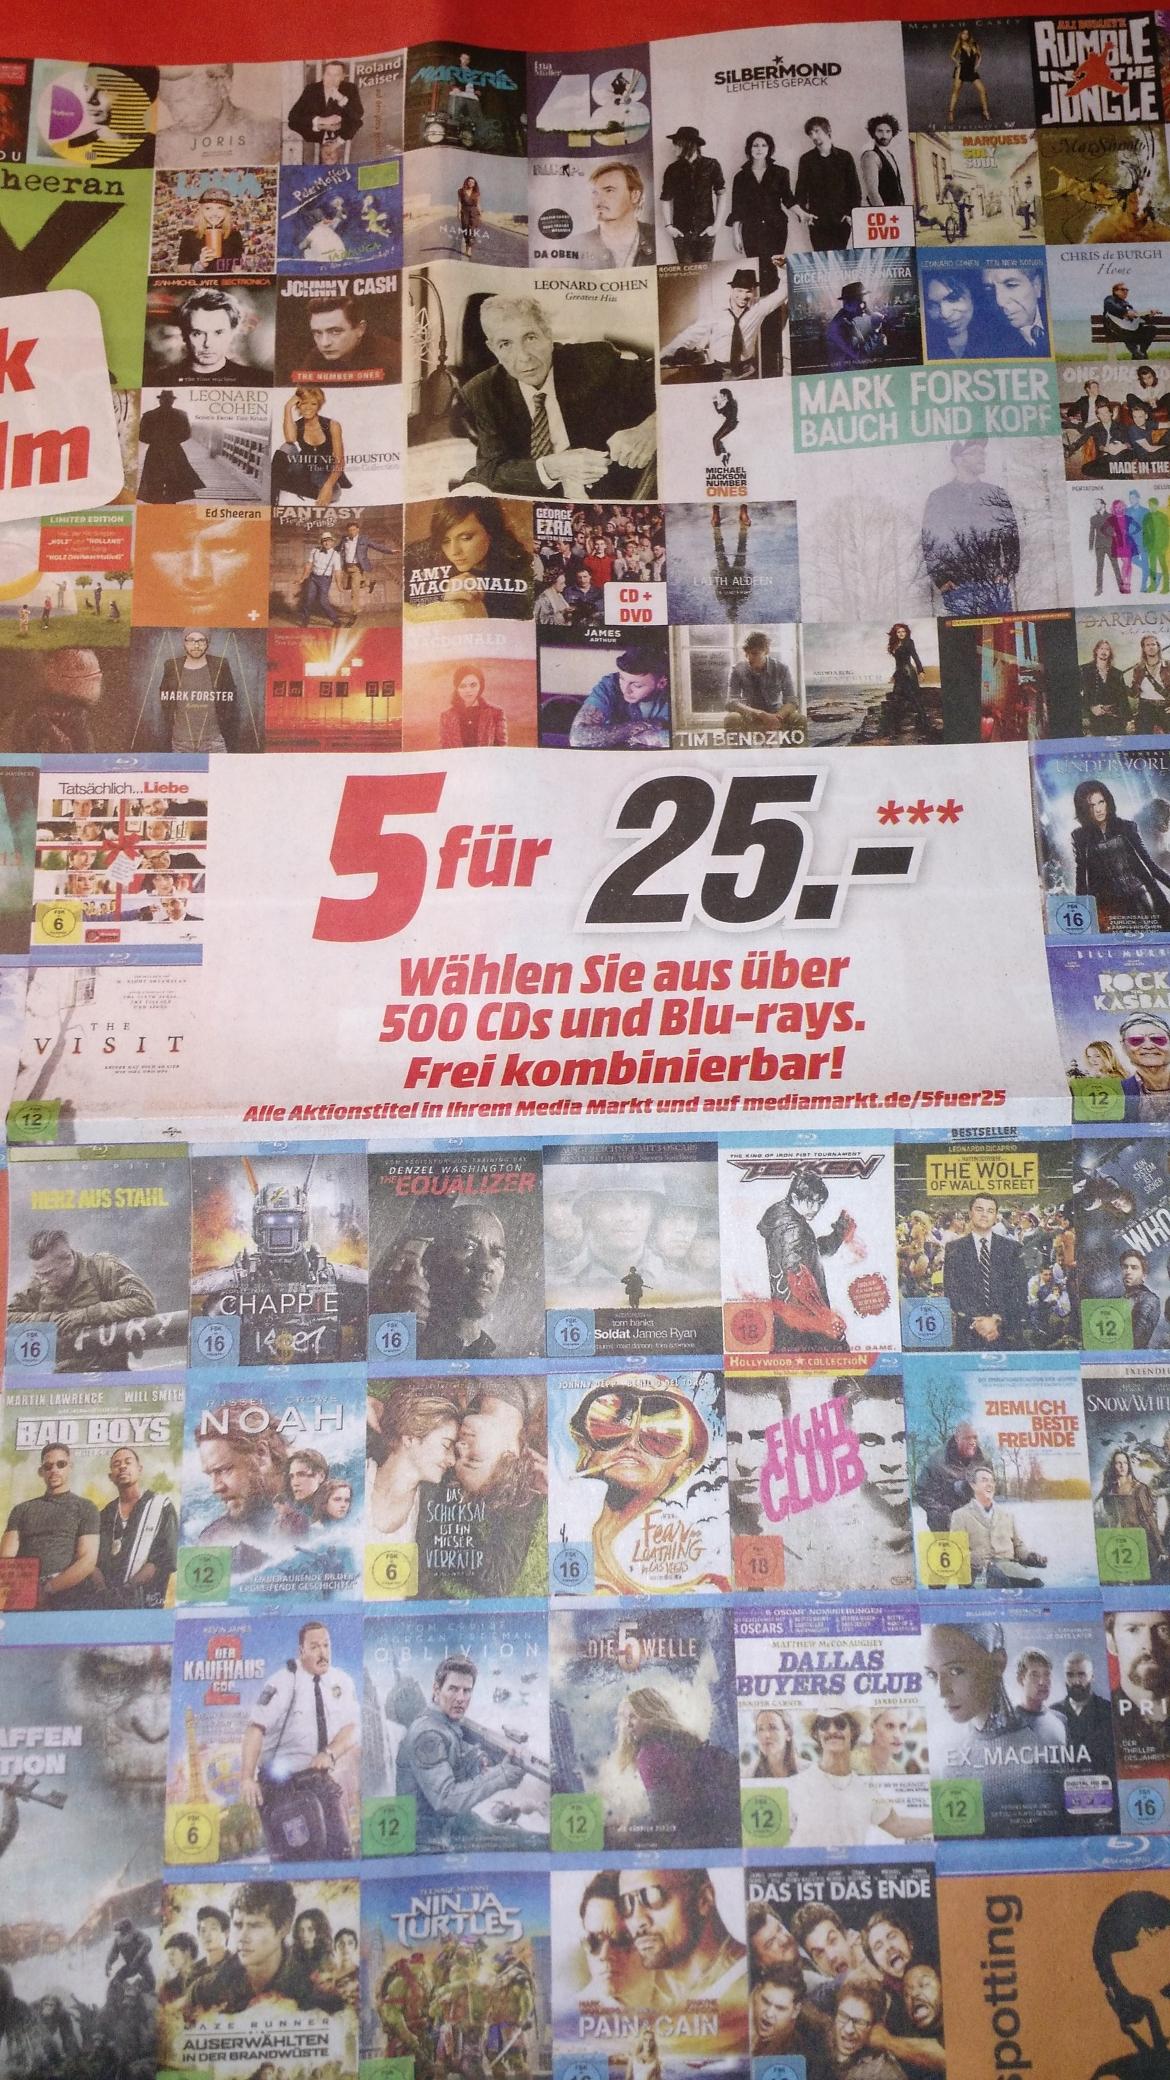 [MediaMarkt bundesweit] 5 für 25€ Aktion (CDs, Blu-Rays)